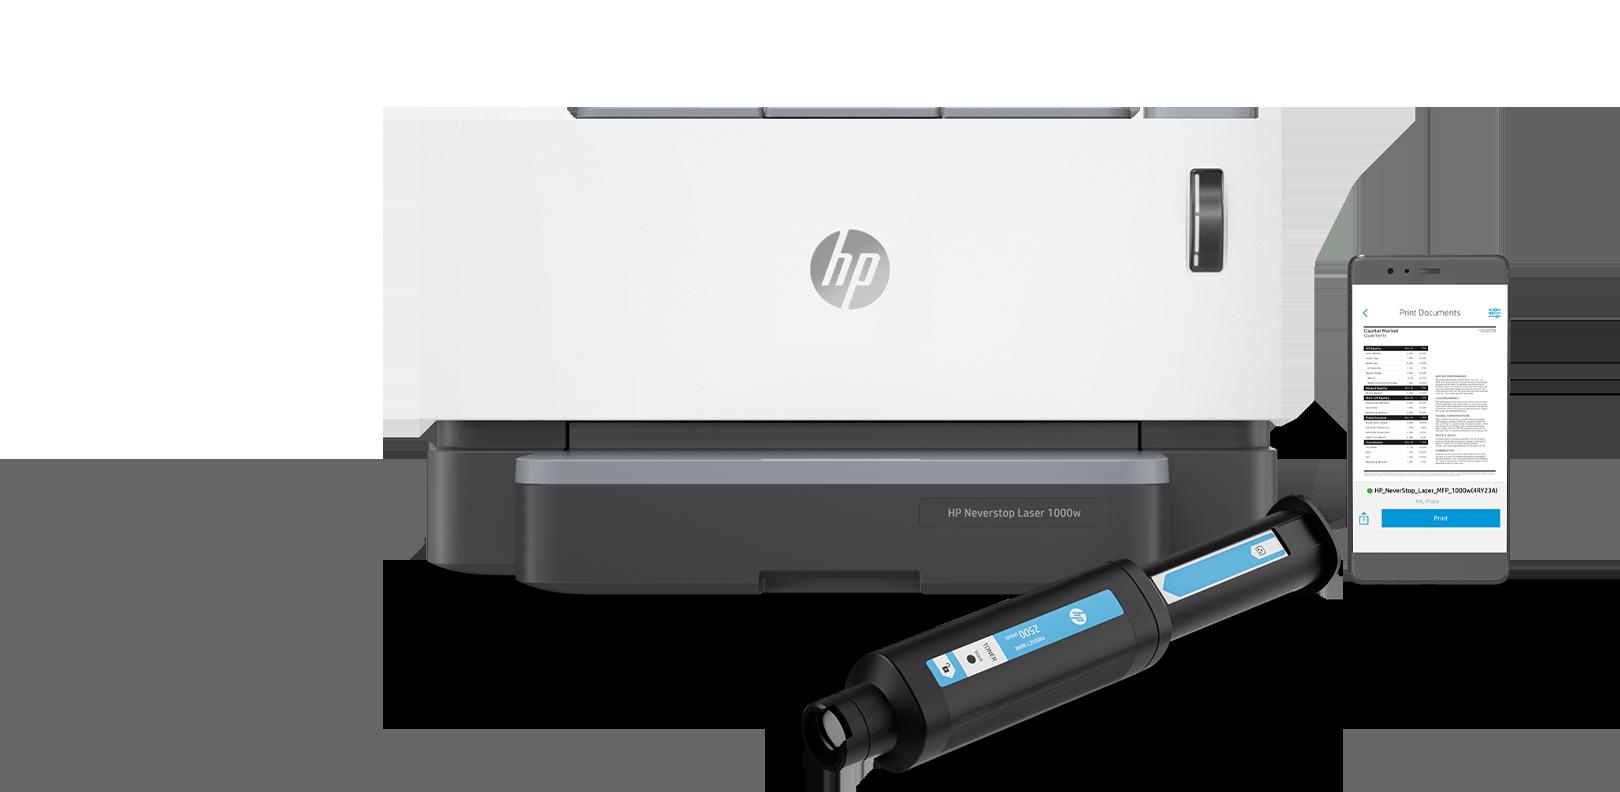 HP Neverstop  Laser 1000w, Imprima y escanee con la aplicación HP Smart, tóner original Hp Laser 103A